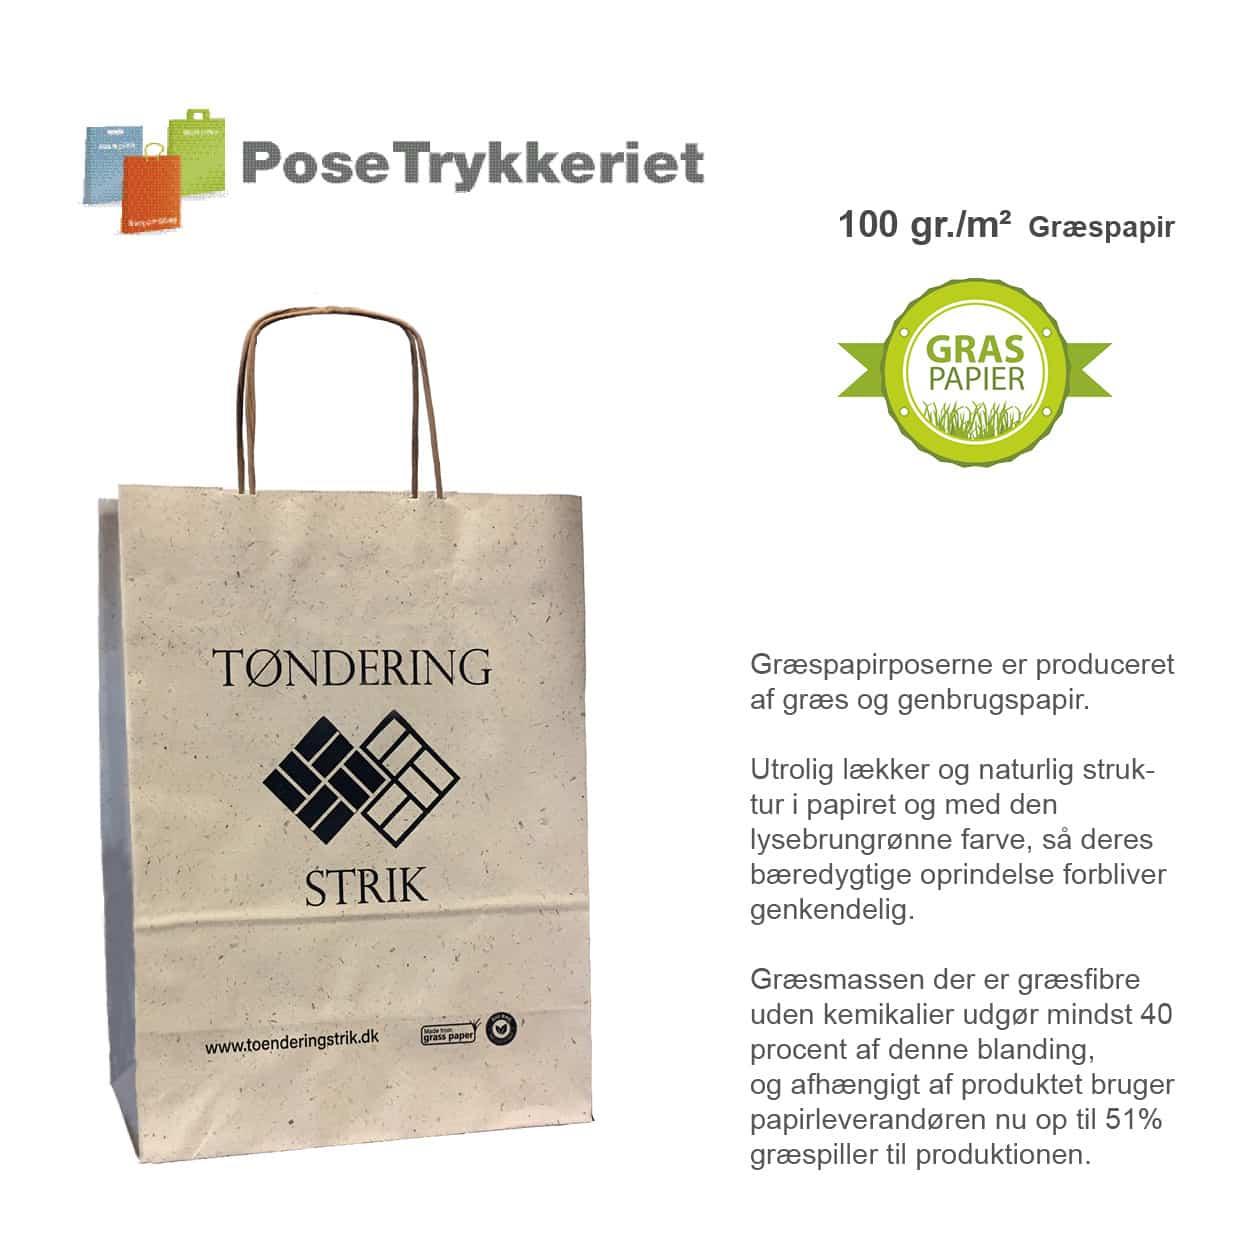 Græs papirposer med logotryk. Posetrykkeriet.dk